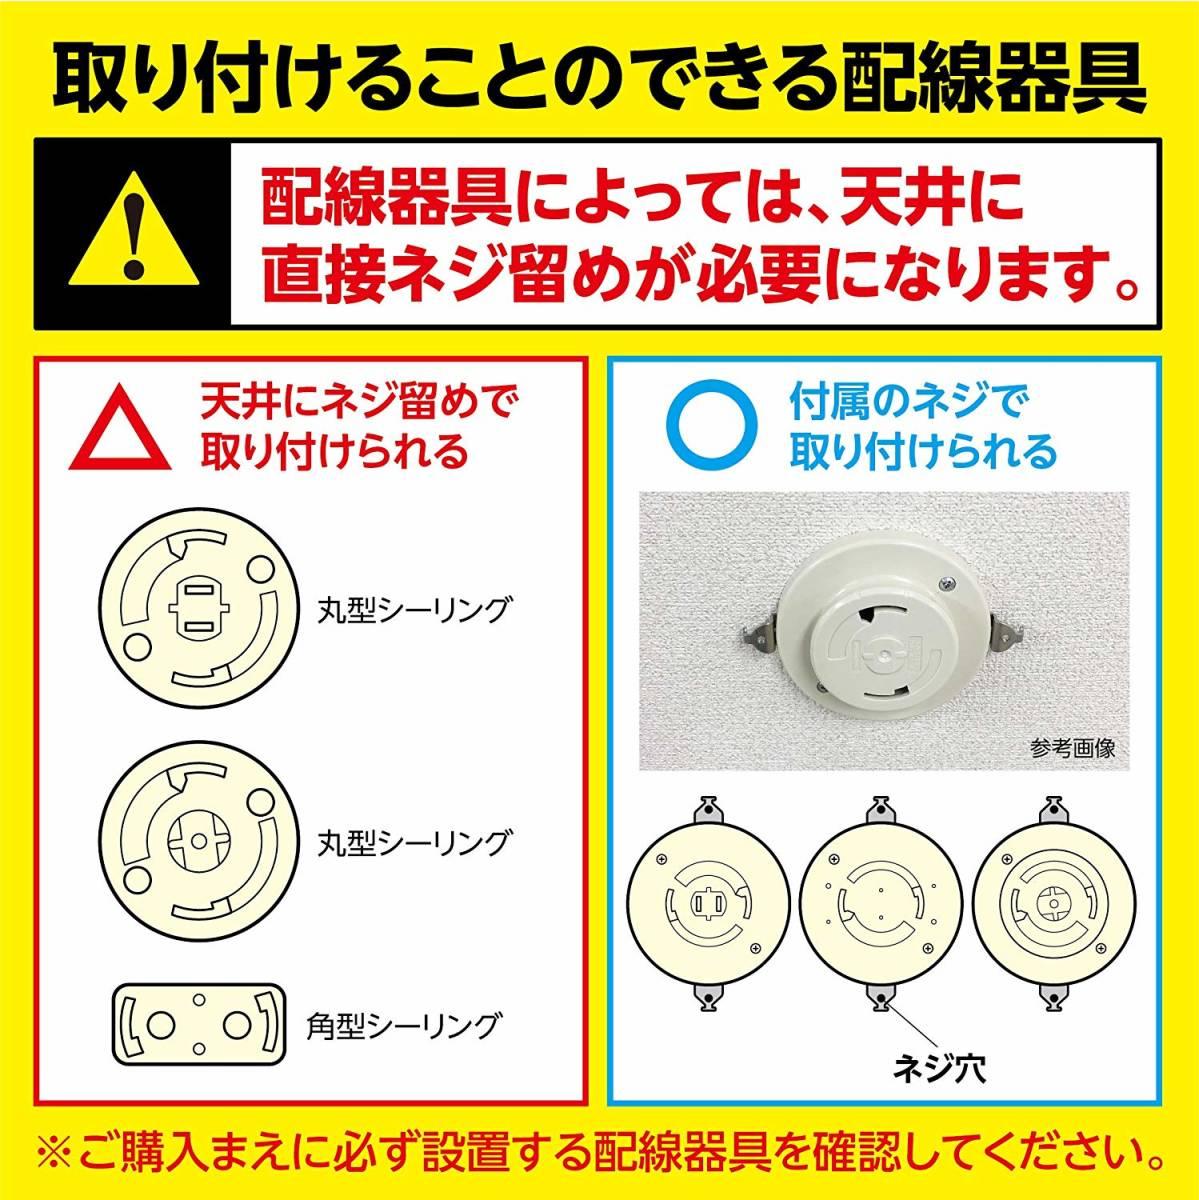 LED シーリングサーキュレーター ルミナス ~8畳 調光調色タイプ 光拡散レンズ搭載 シンプルリモコン付き ACC-08CM154_画像6